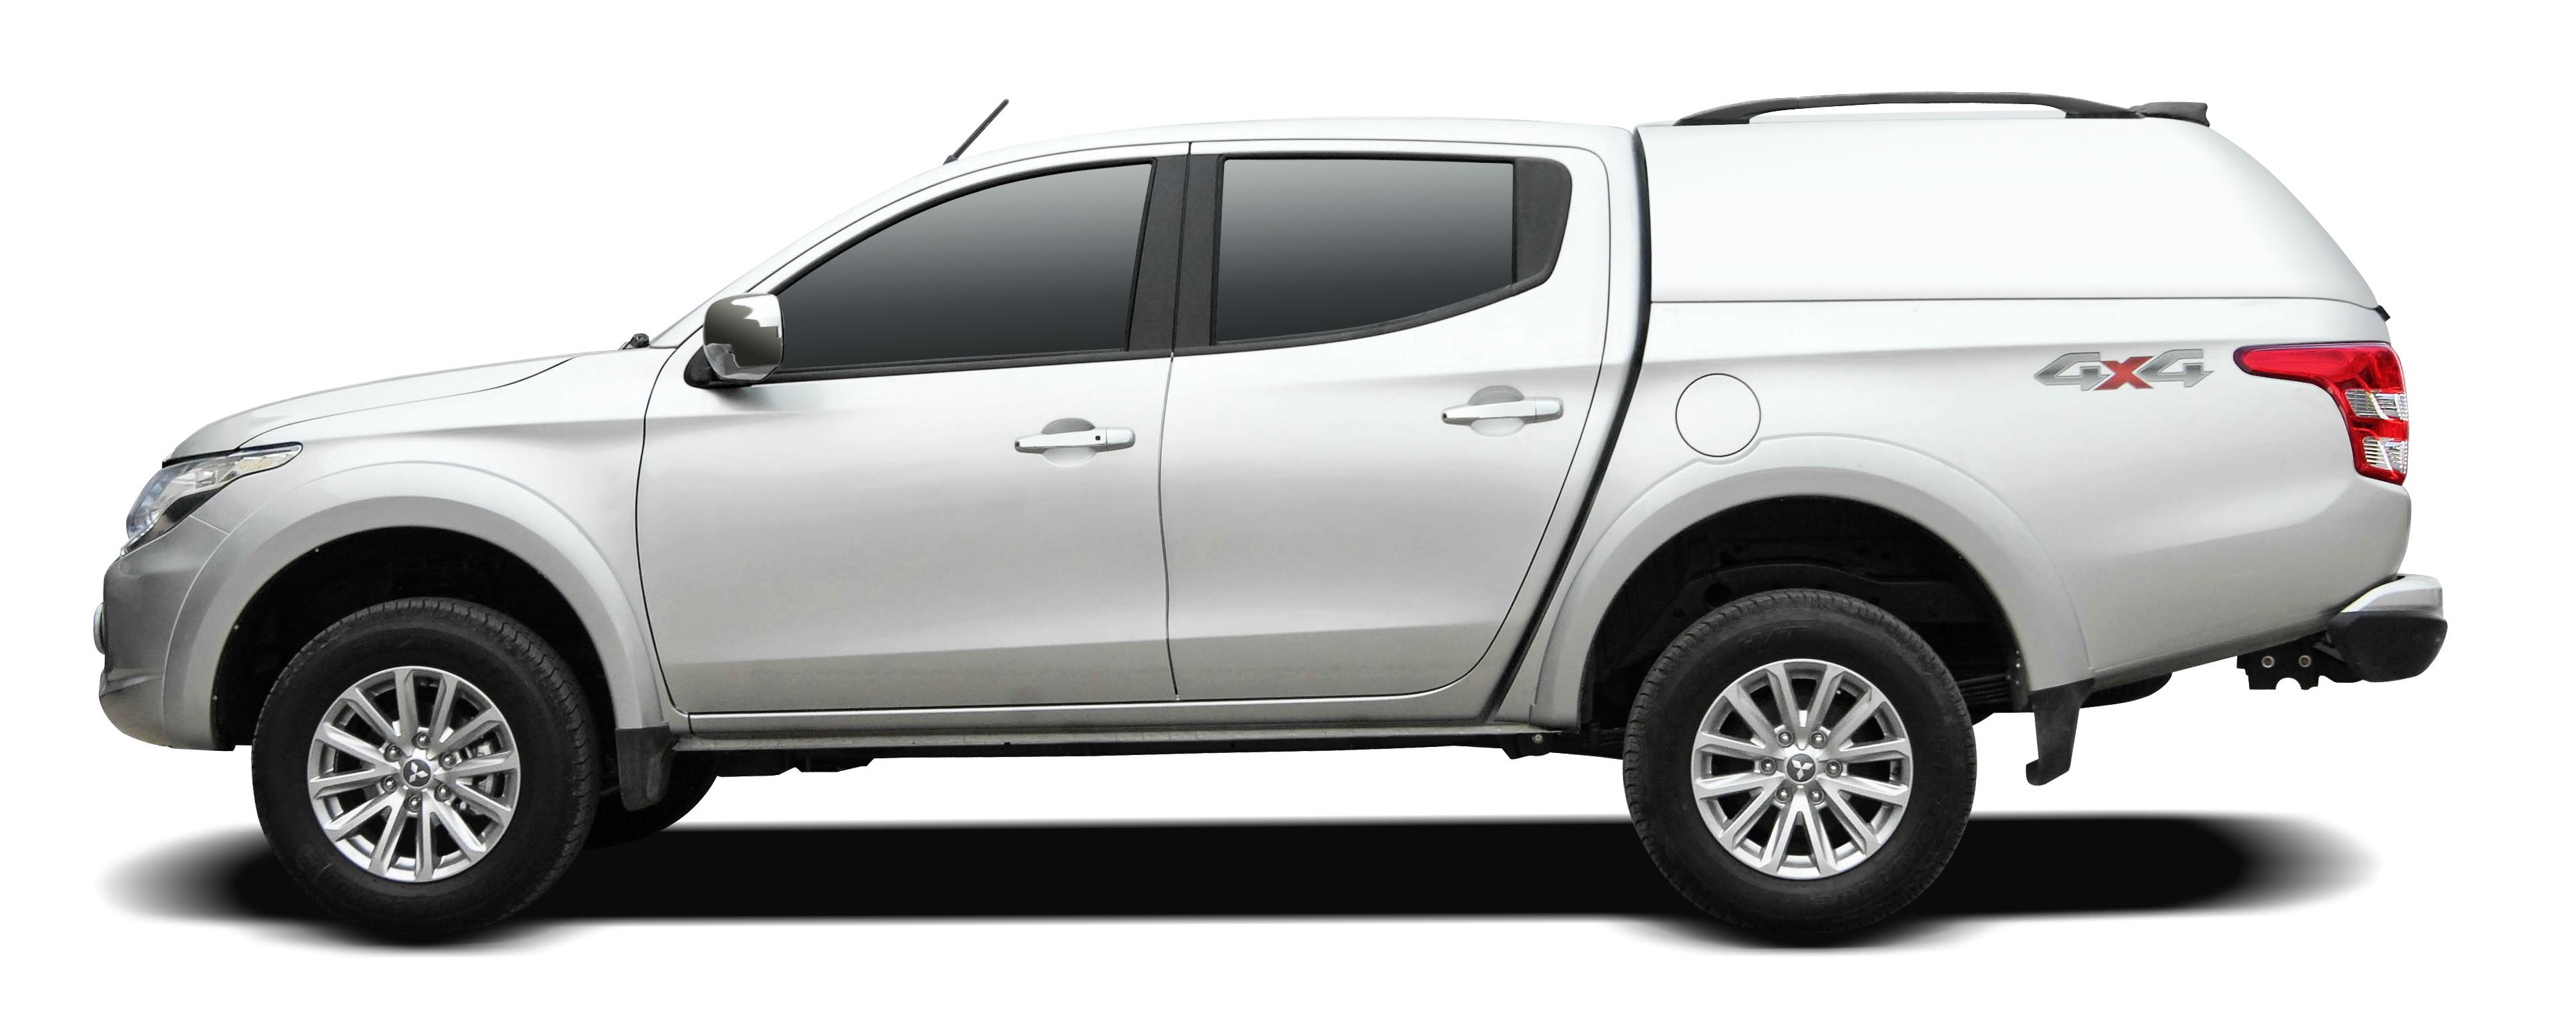 Carryboy GFK Hardtop ohne Seitenfenster für Mitsu L200 / Fiat Fullback sehr stabil und belastbar